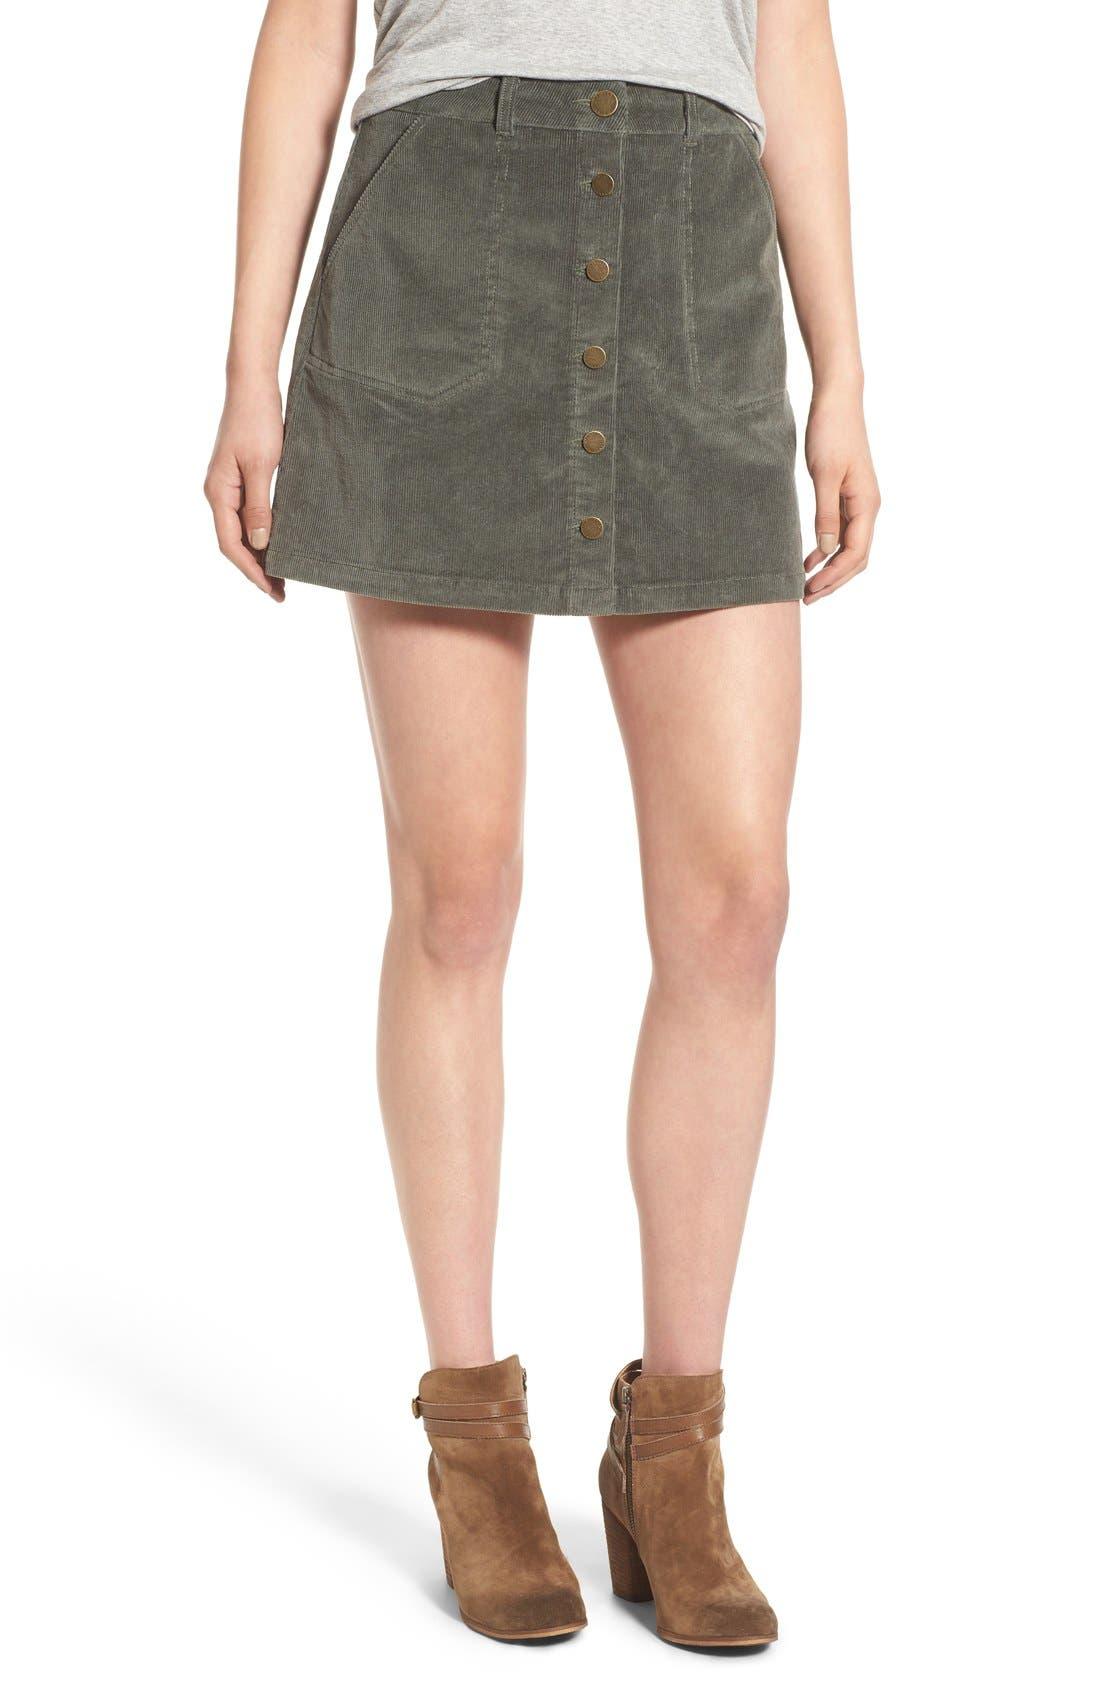 JOLT Corduroy A-Line Skirt, Main, color, 300